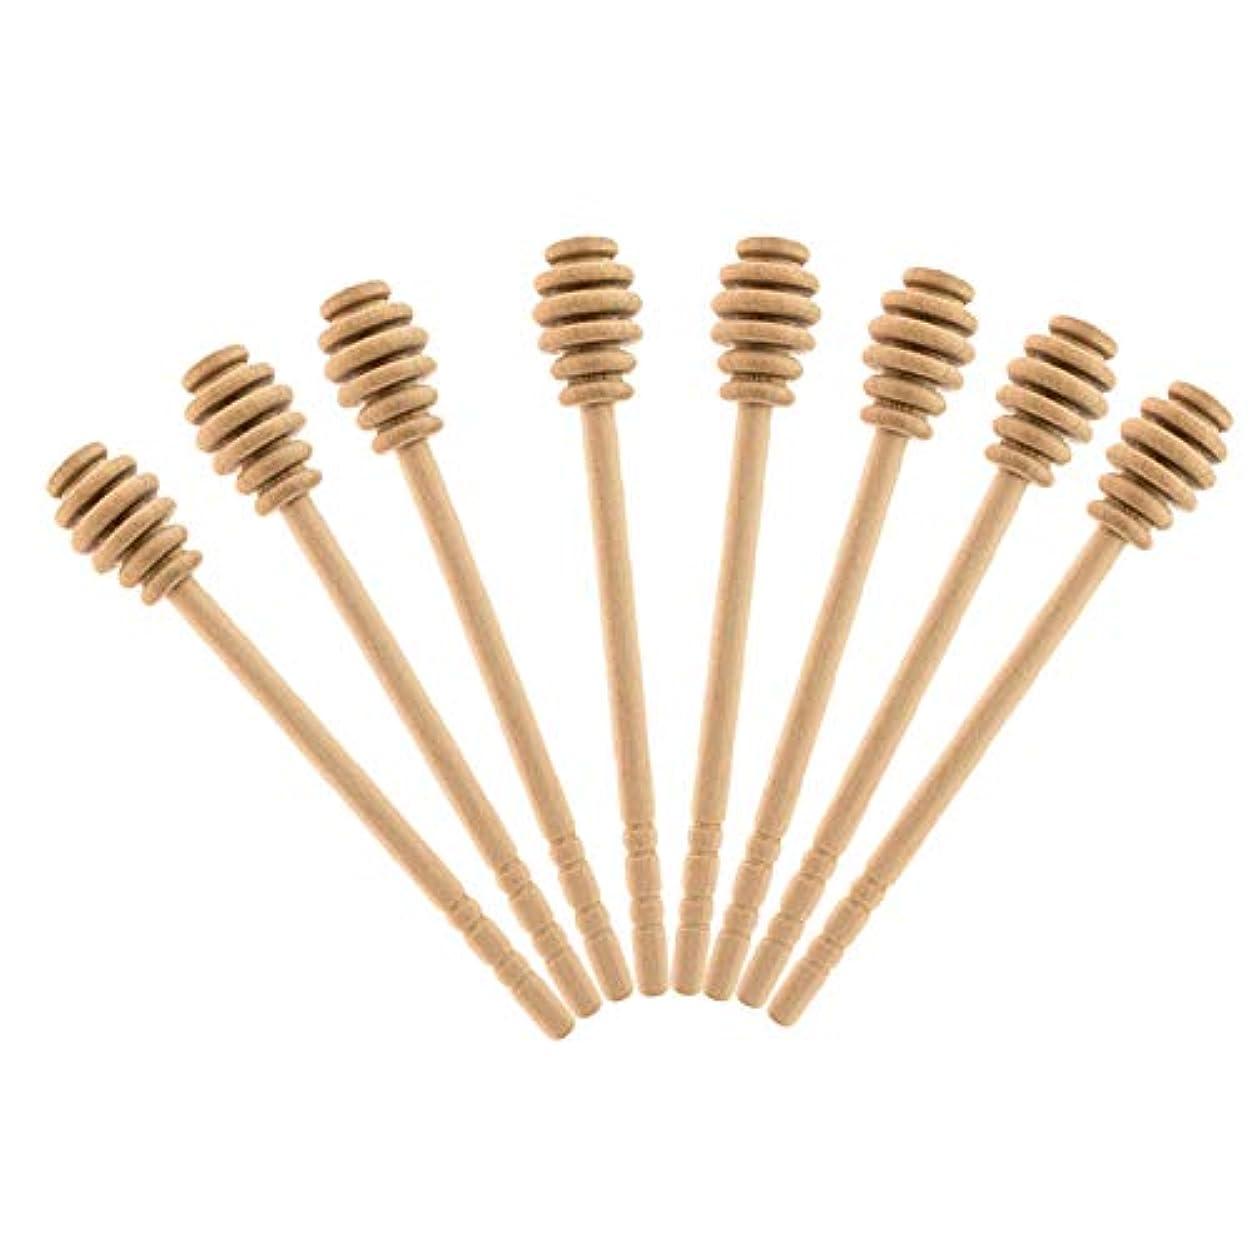 RETYLY クラシックなデザインの木製ハニーディッパースティック、100%天然木接着剤なし